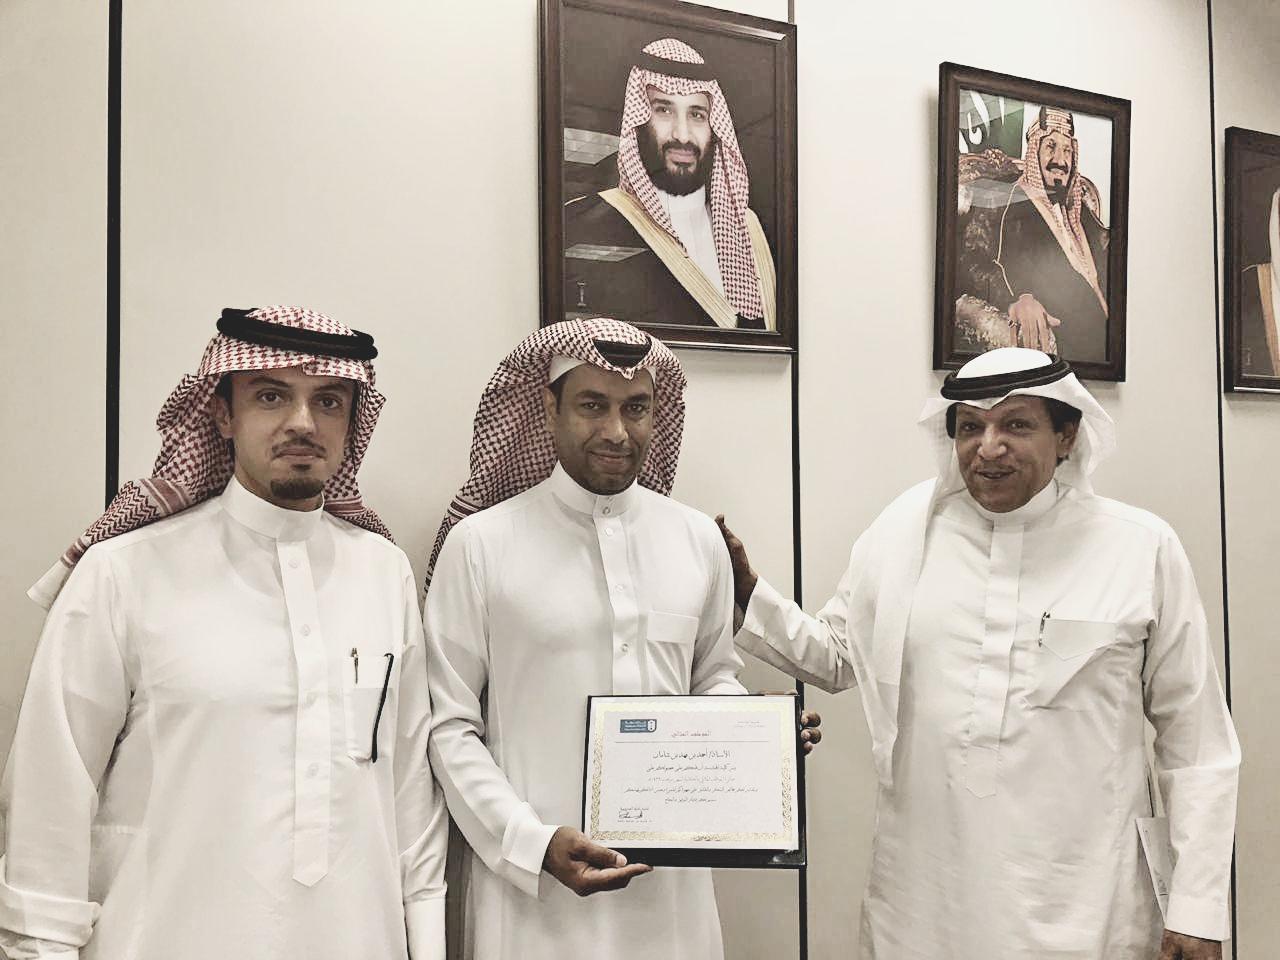 الأستاذ أحمد الشامان يحصل على جائزة العميد للموظف المثالي